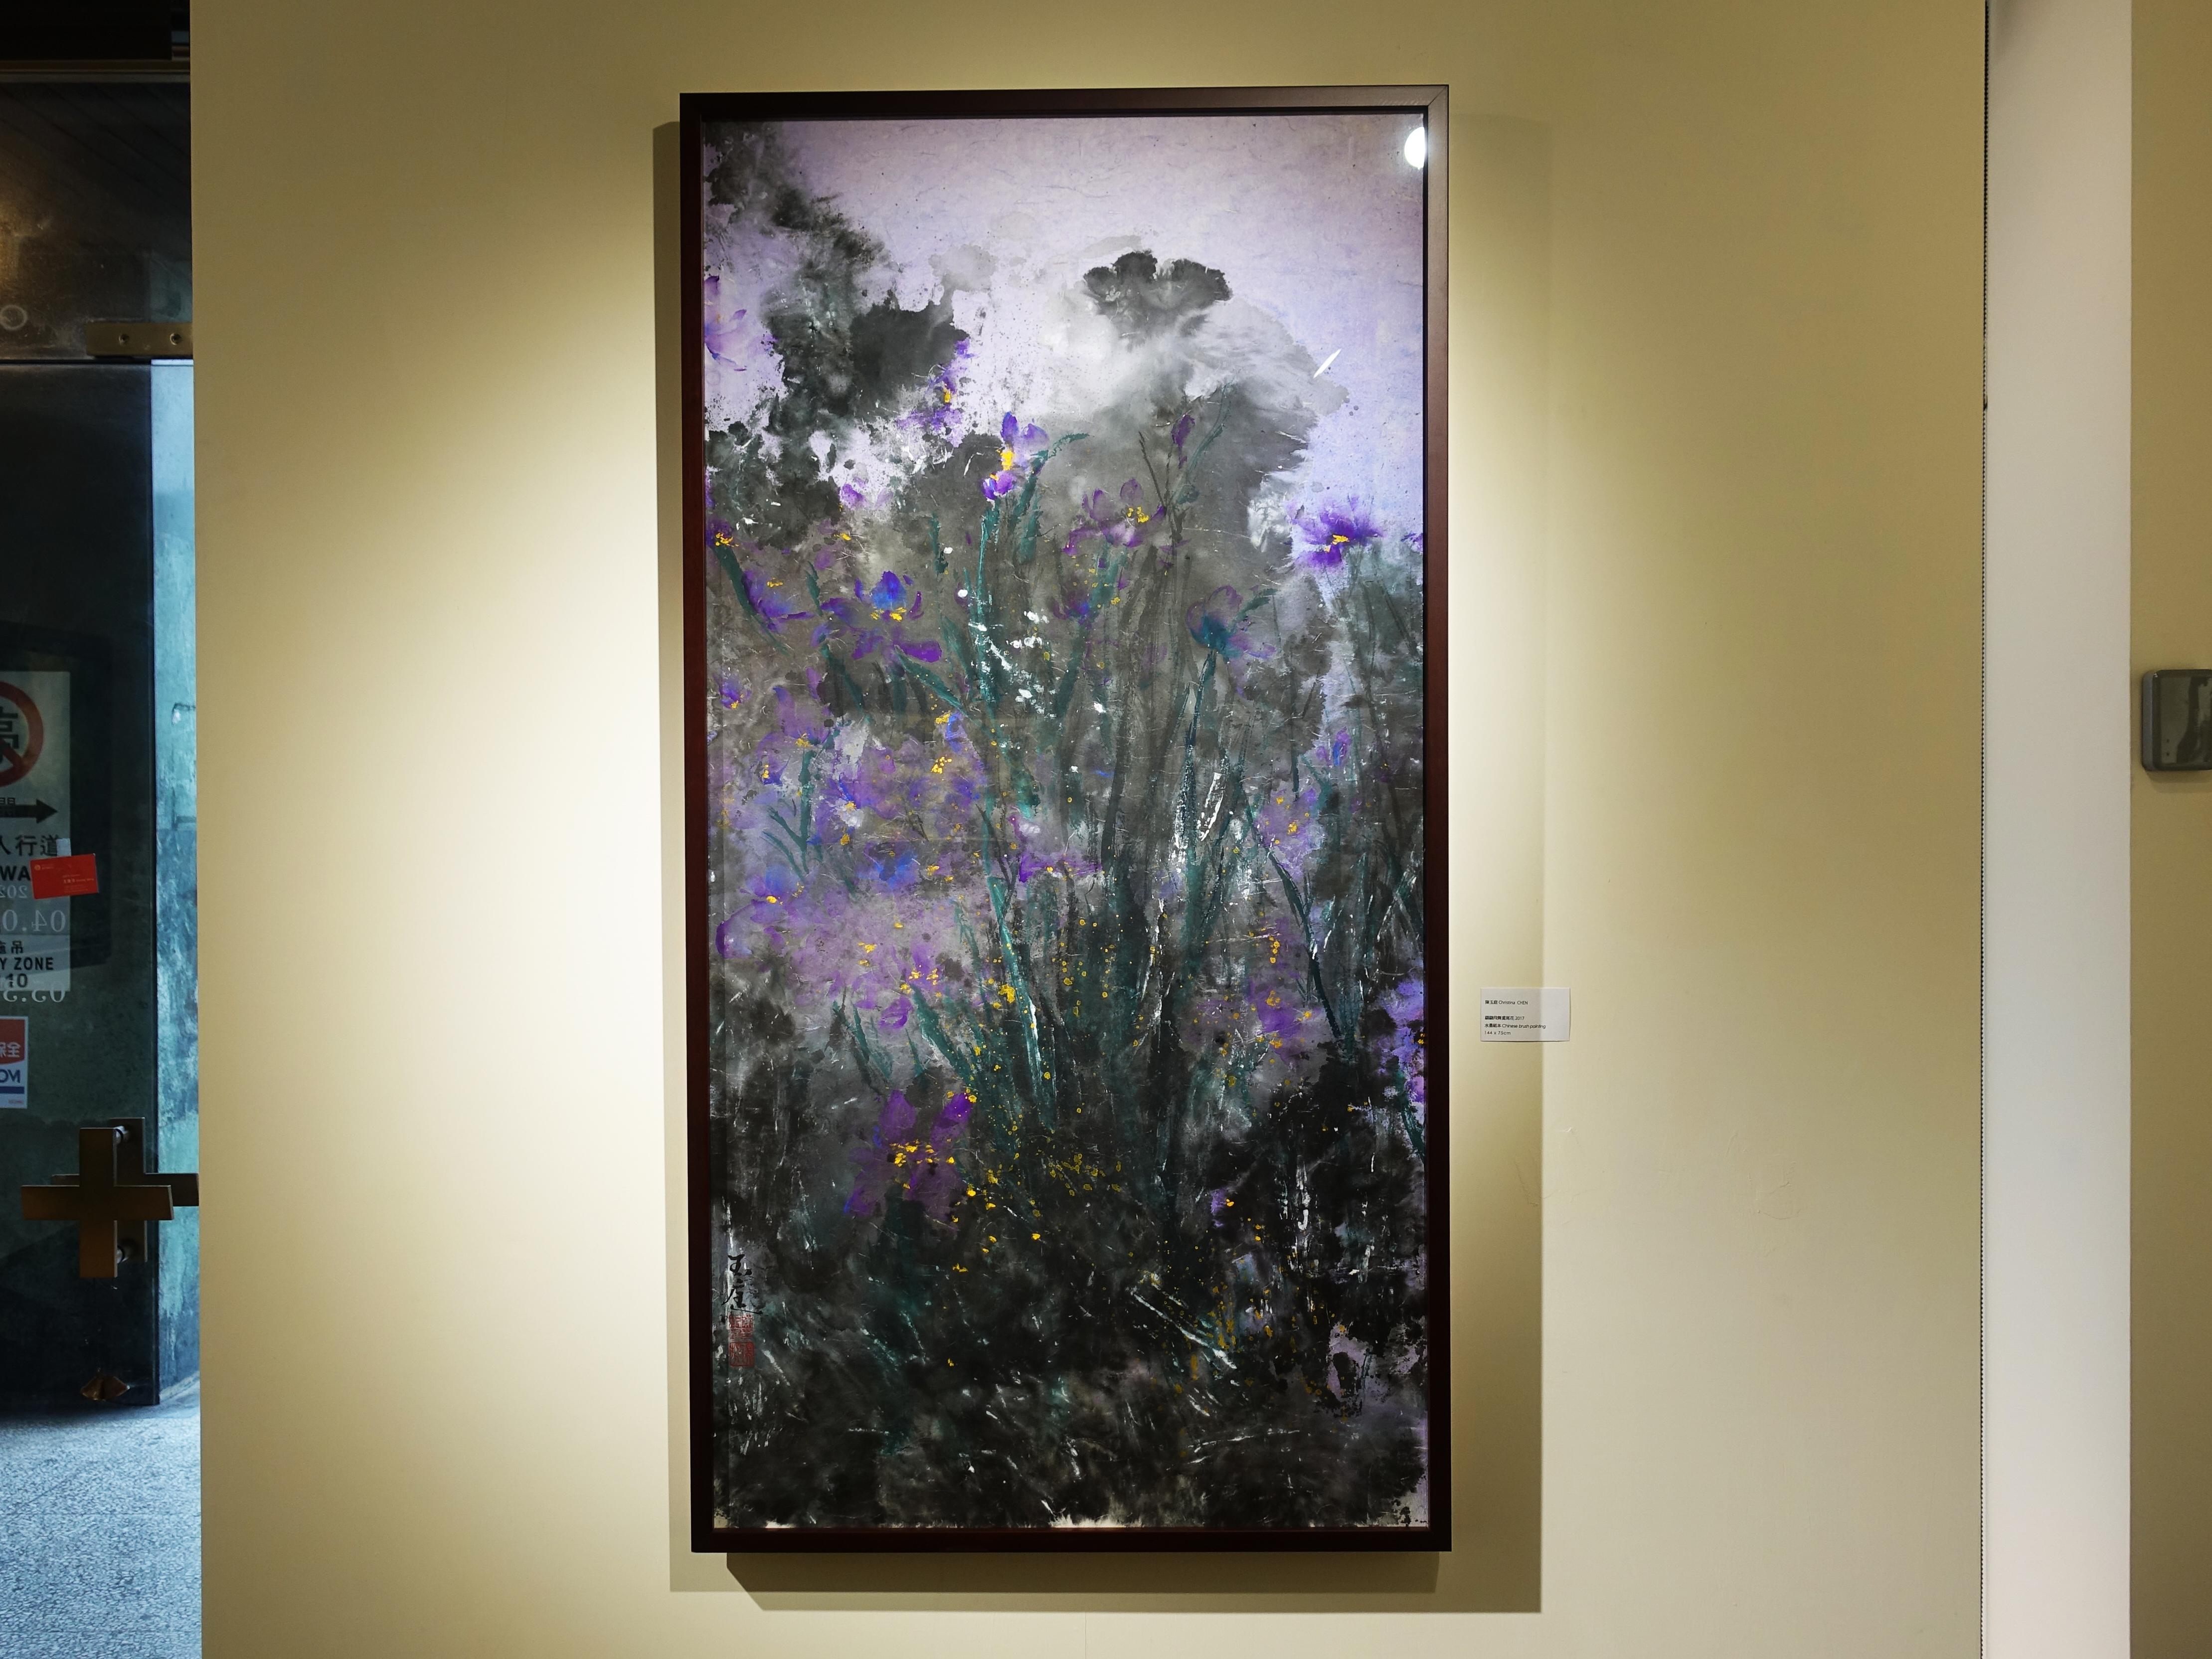 陳玉庭,《翩翩飛舞鳶尾花》,144x75cm,水墨紙本,2017。